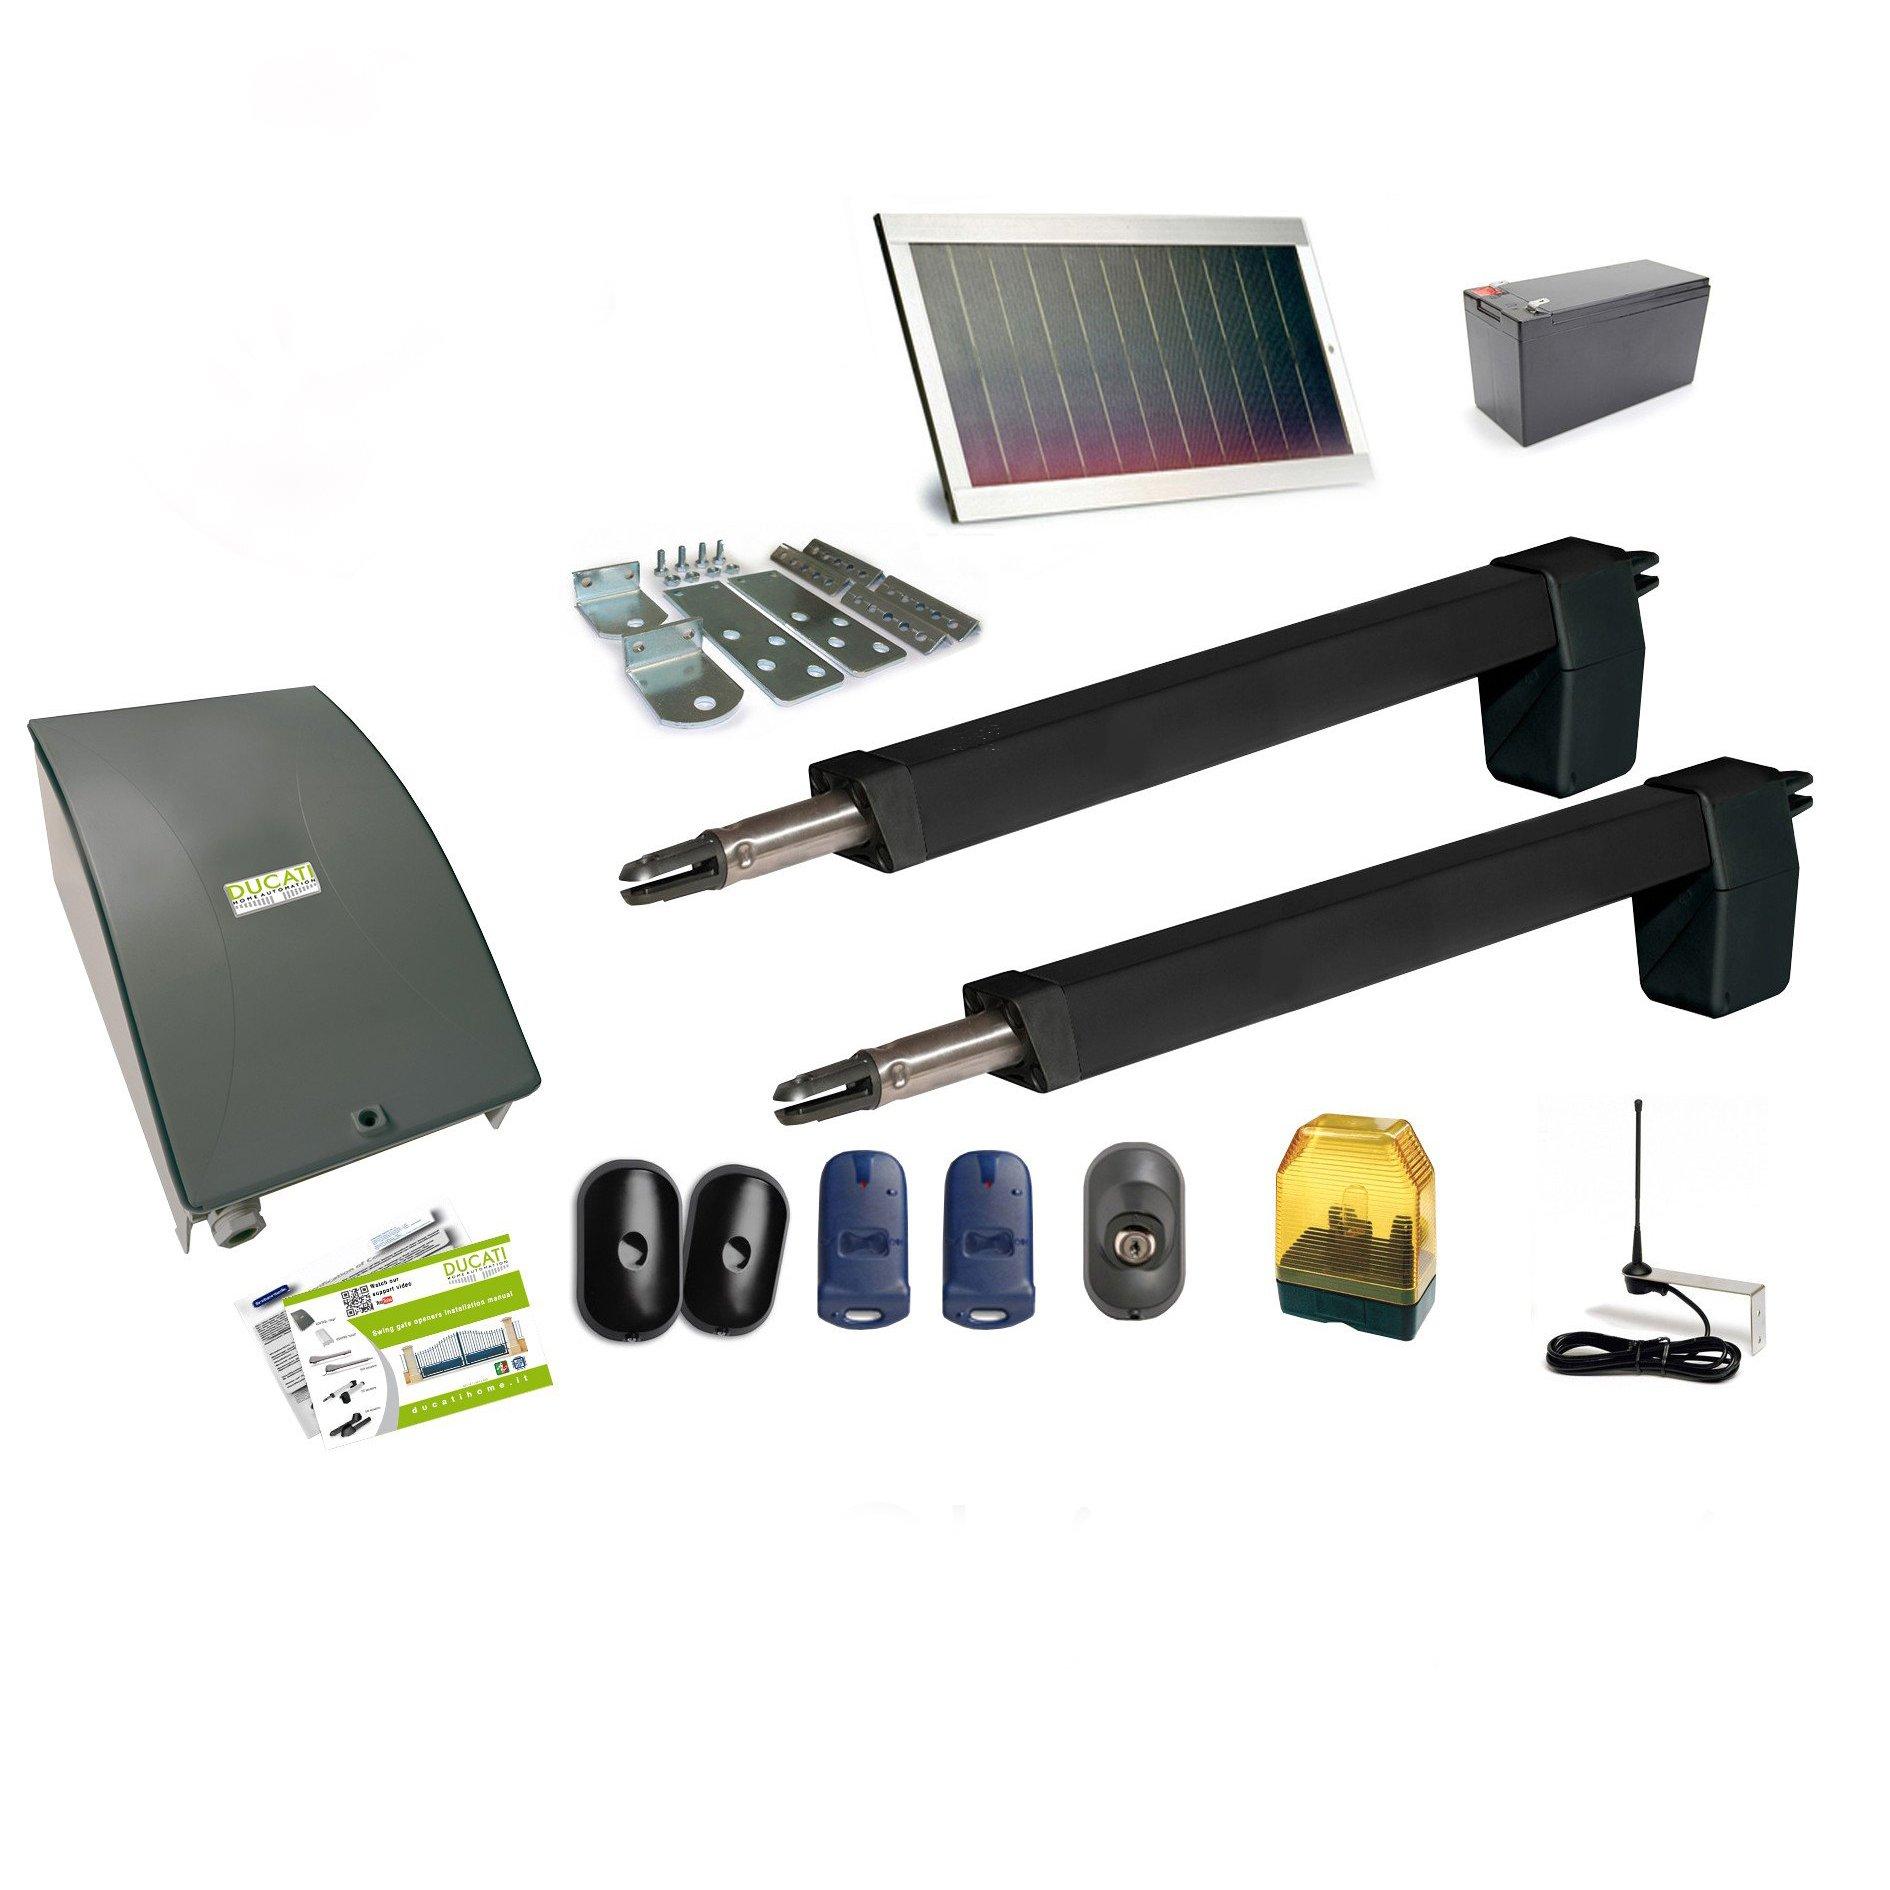 HC812 – 500 Pro Solar automatismo Kit motorización Ducati Home para puerta corredera Solar 100% inalámbrica abre Portal: Amazon.es: Bricolaje y herramientas